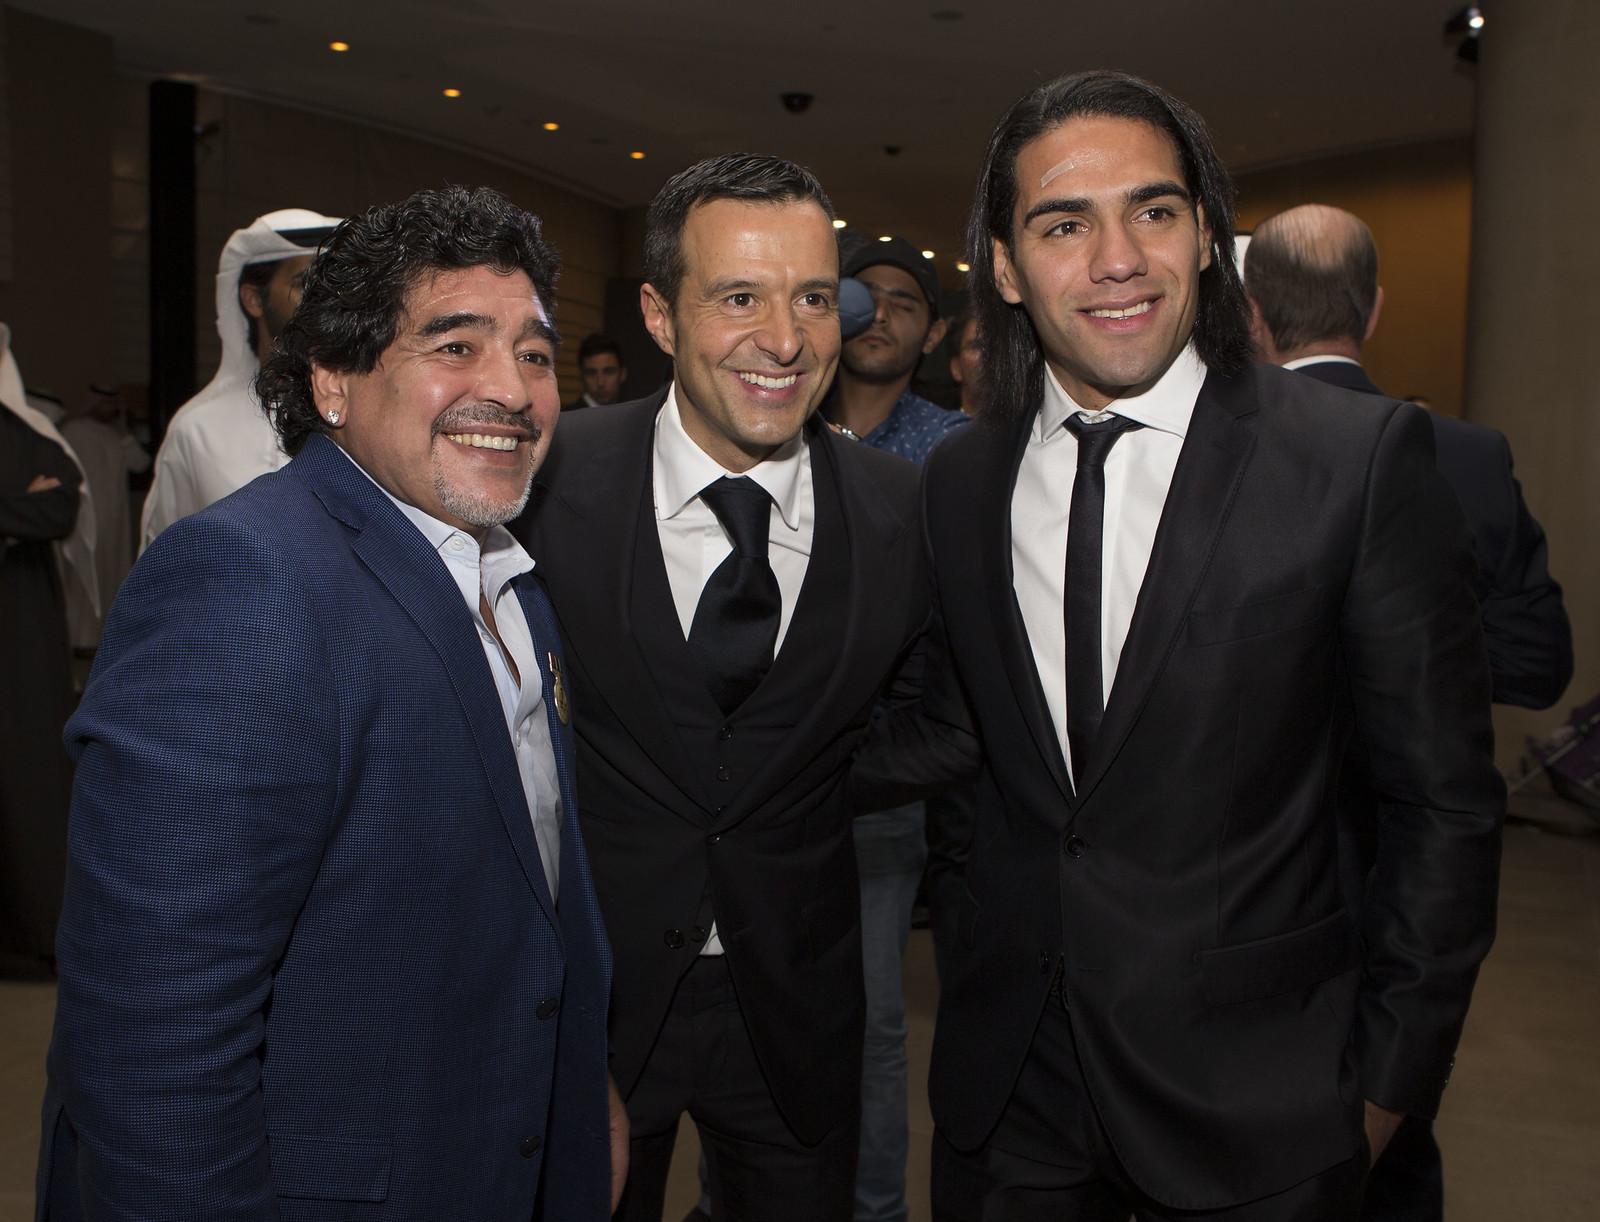 Diego Armando Maradona, Jorge Mendes and Radamel Falcao